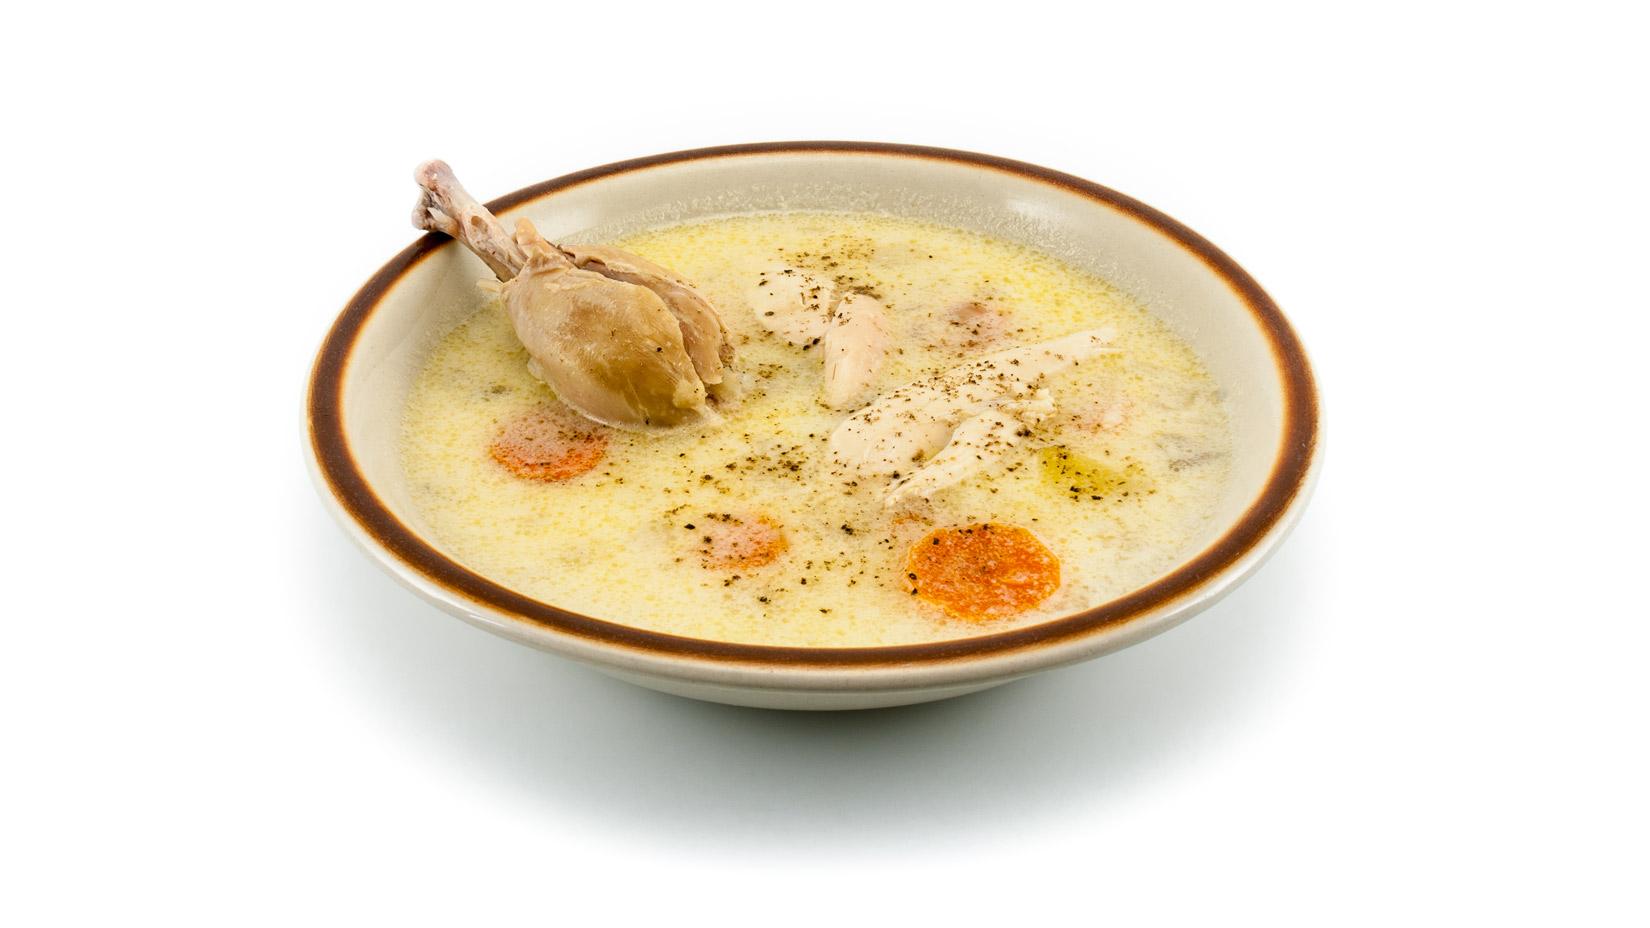 Porci Kotosoupa avgolemono doplníme vybranými kousky kuřete a dochutíme čerstvě umletým pepřem